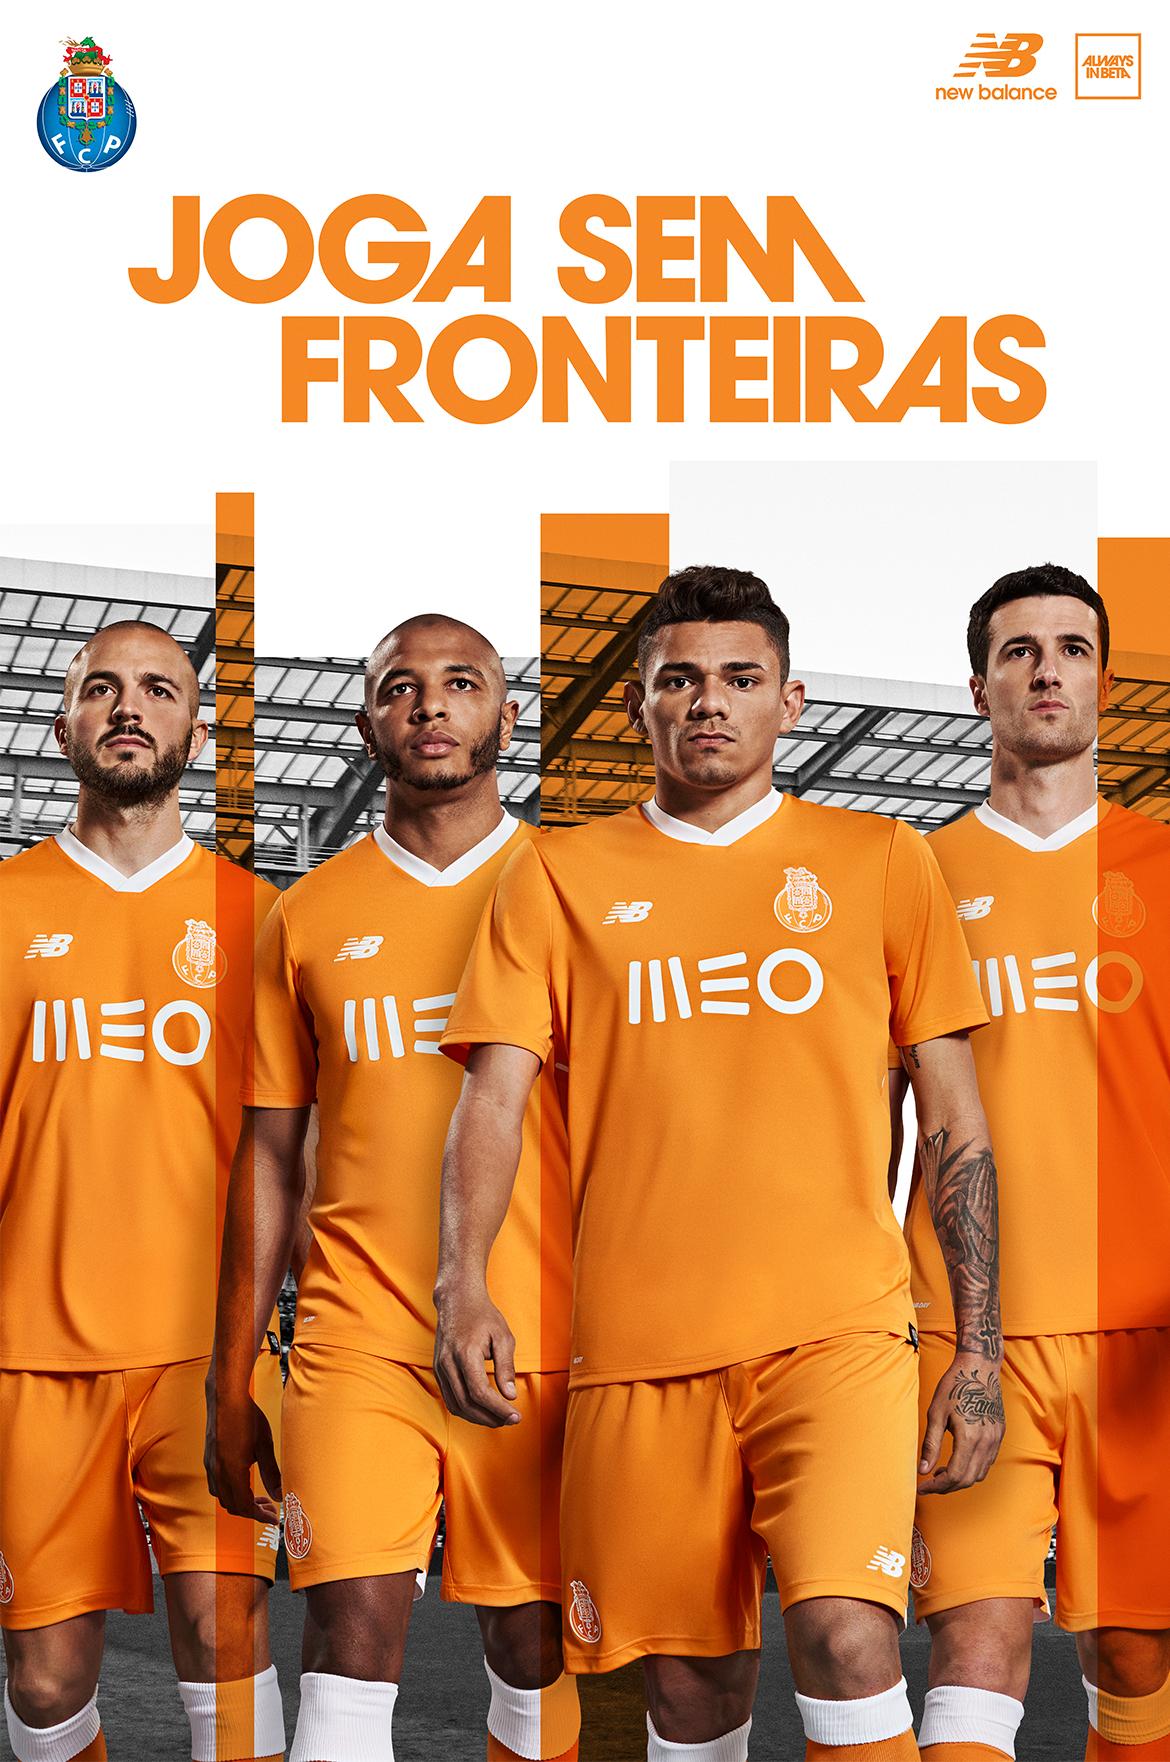 nbfootball_porto1718_away_keyart_4.jpg